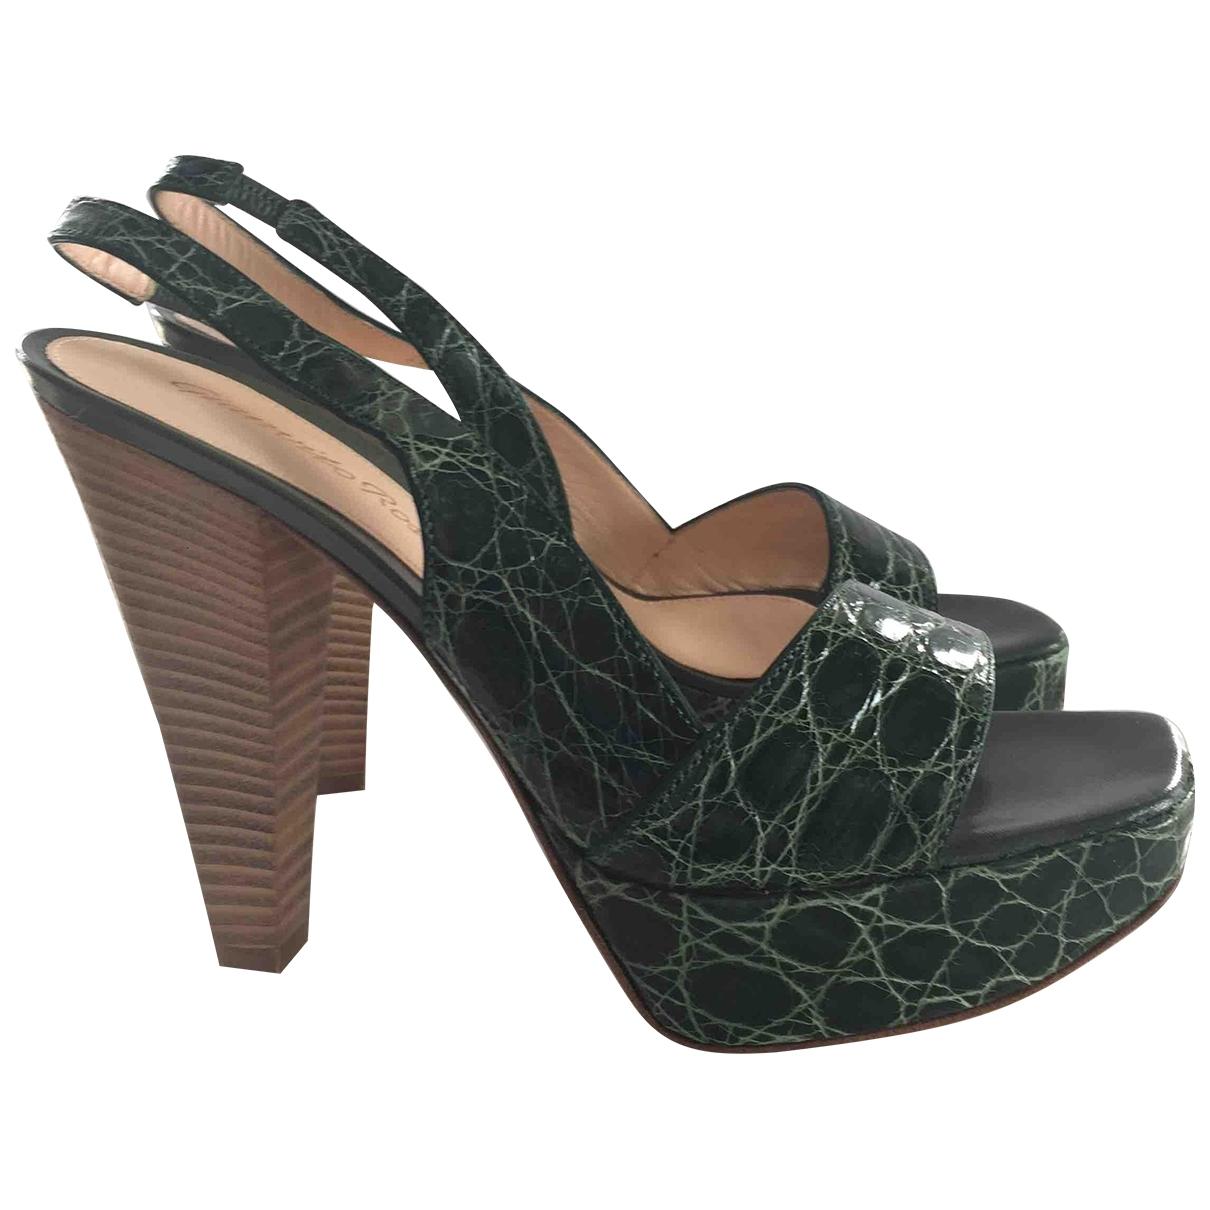 Gianvito Rossi - Sabots   pour femme en cuir - vert